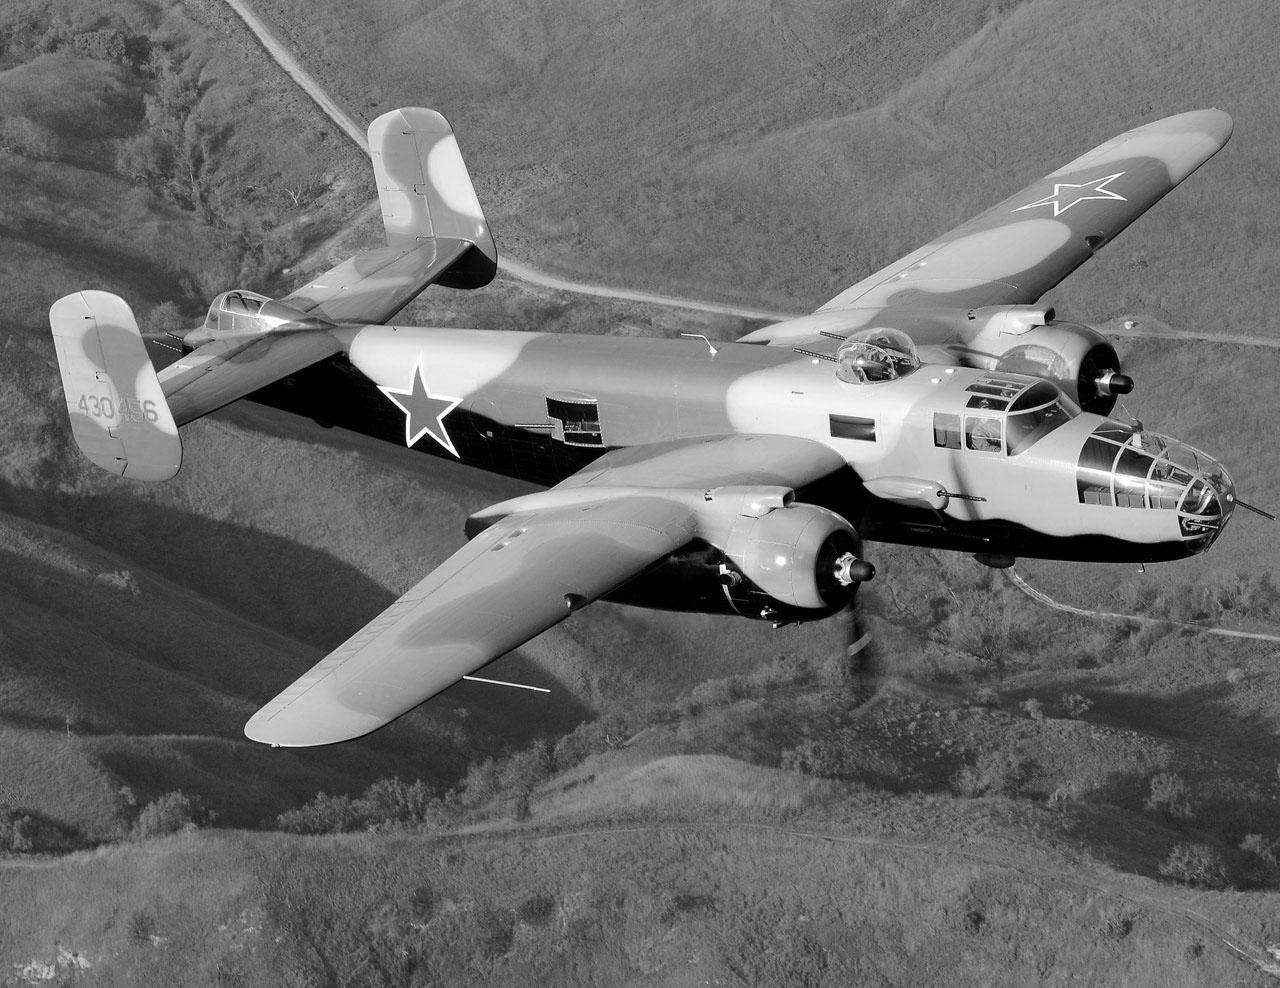 B-25 «Митчелл» в полете с советскими звёздами на фюзеляже.